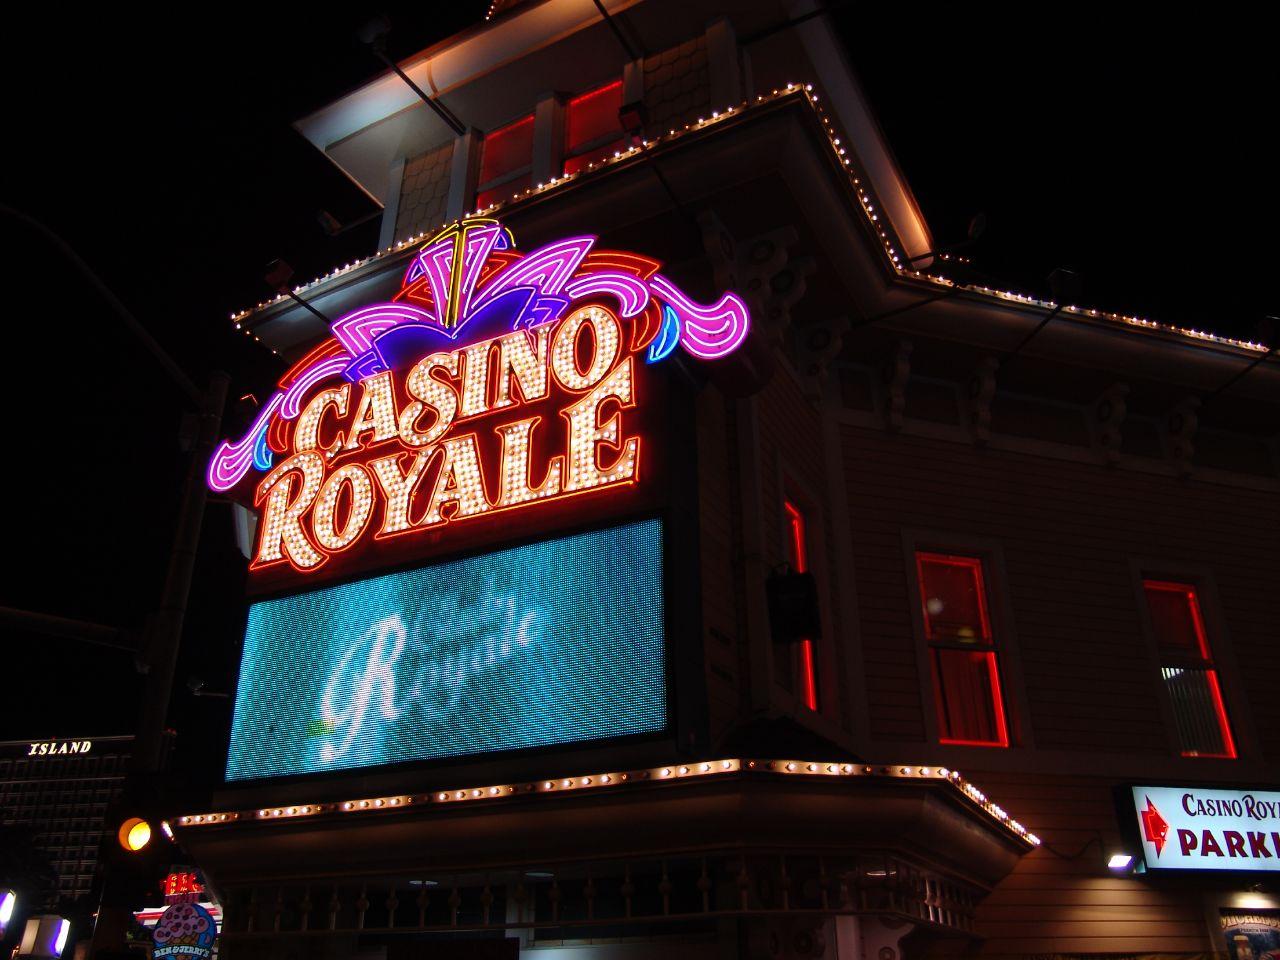 Jeux casino : pourquoi privilégier les casinos virtuels?